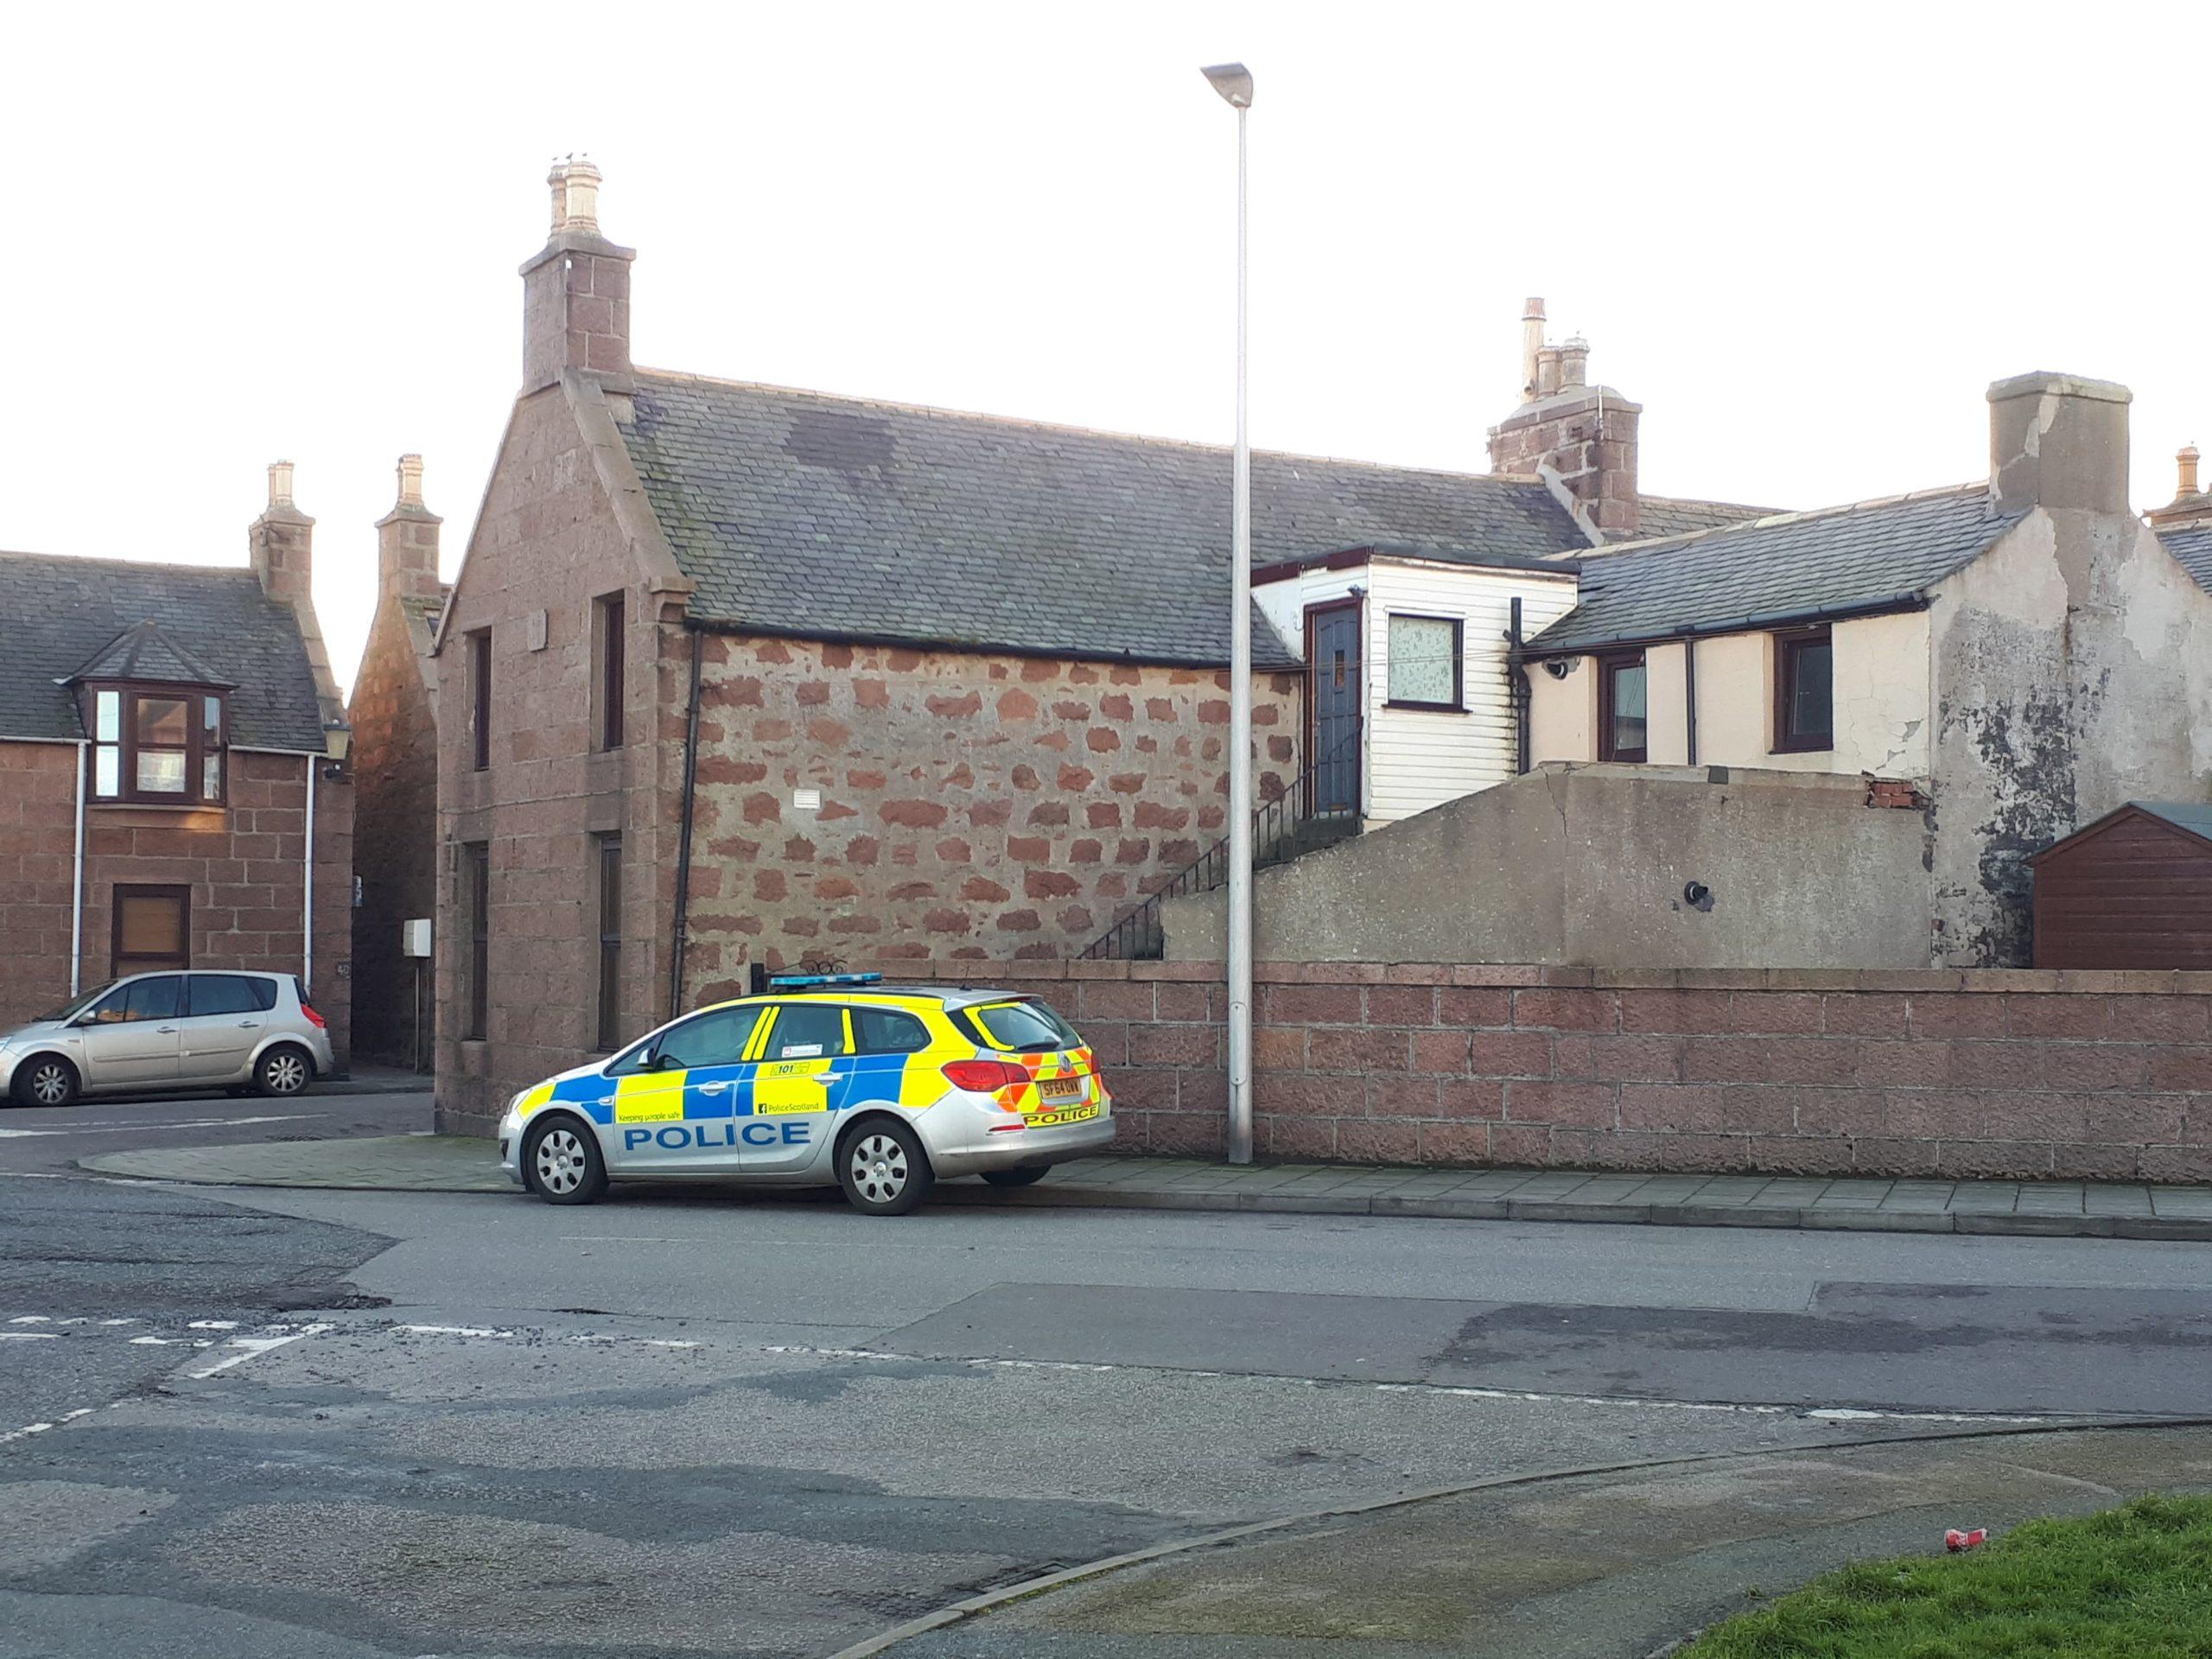 Police on East North Street